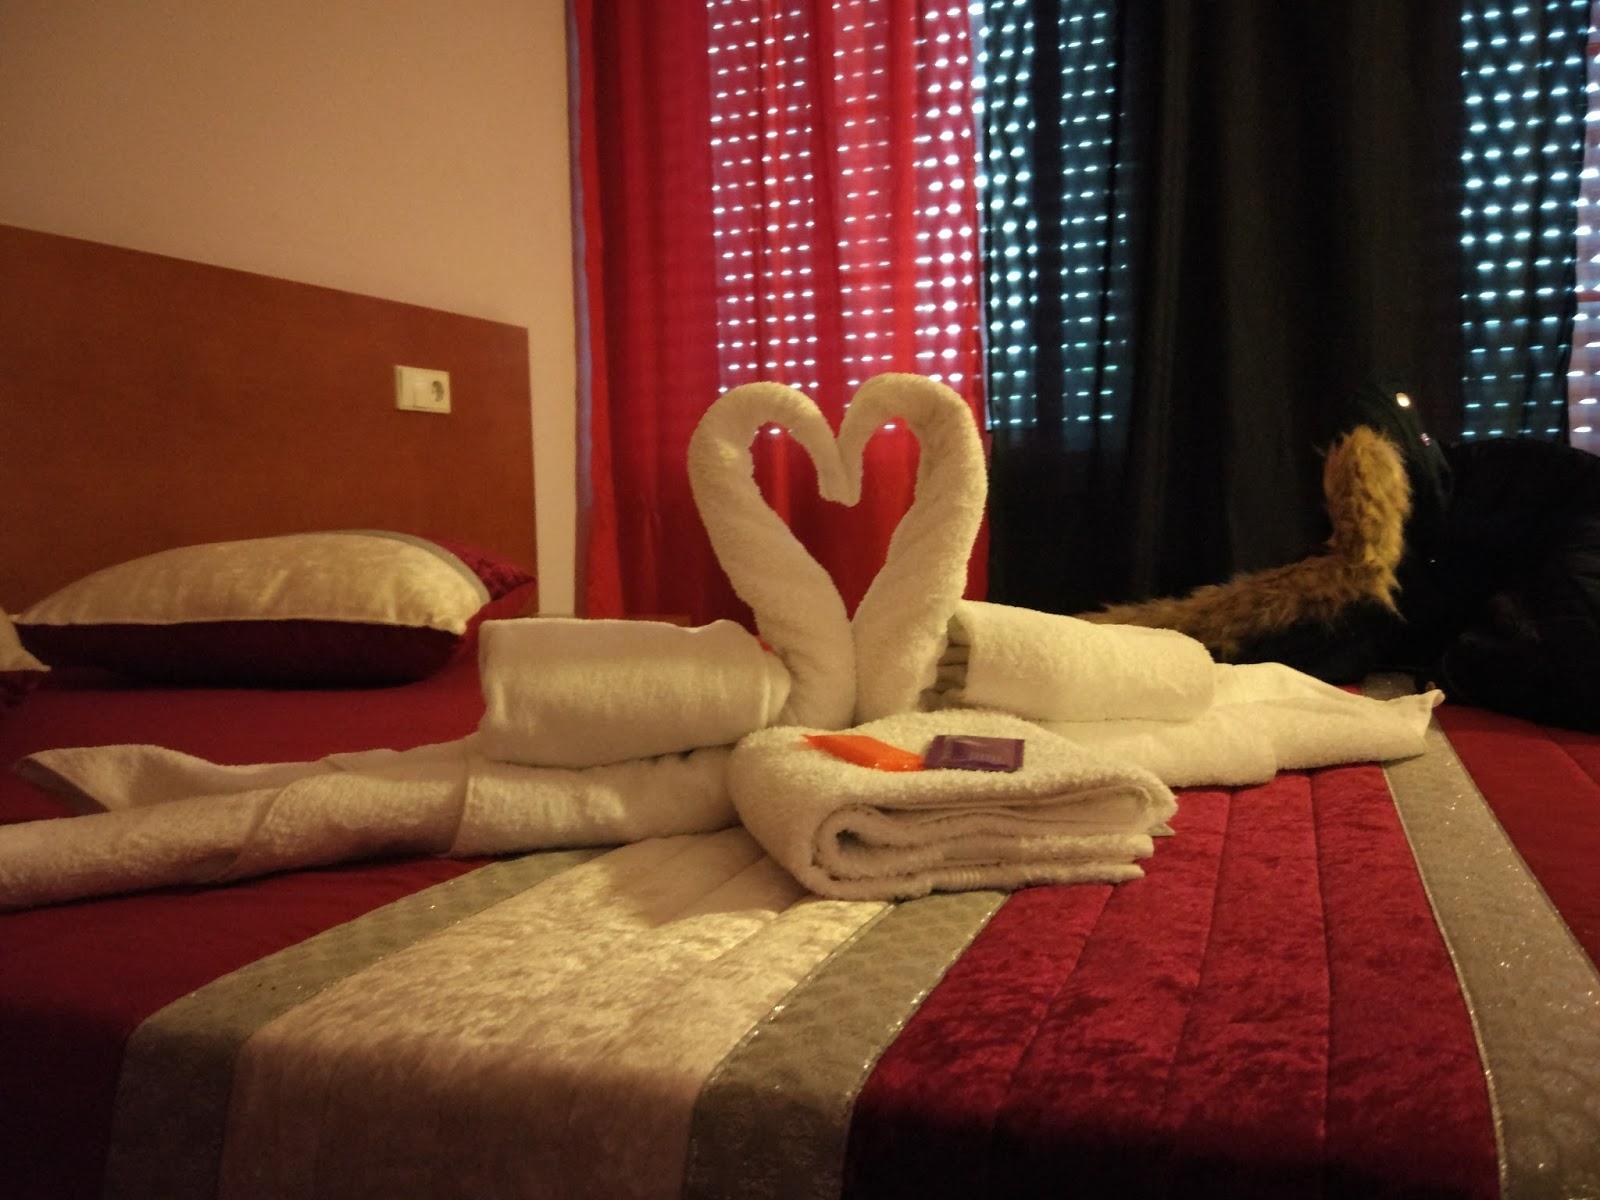 cisnes_toallas_hotel_oporto_decoracion